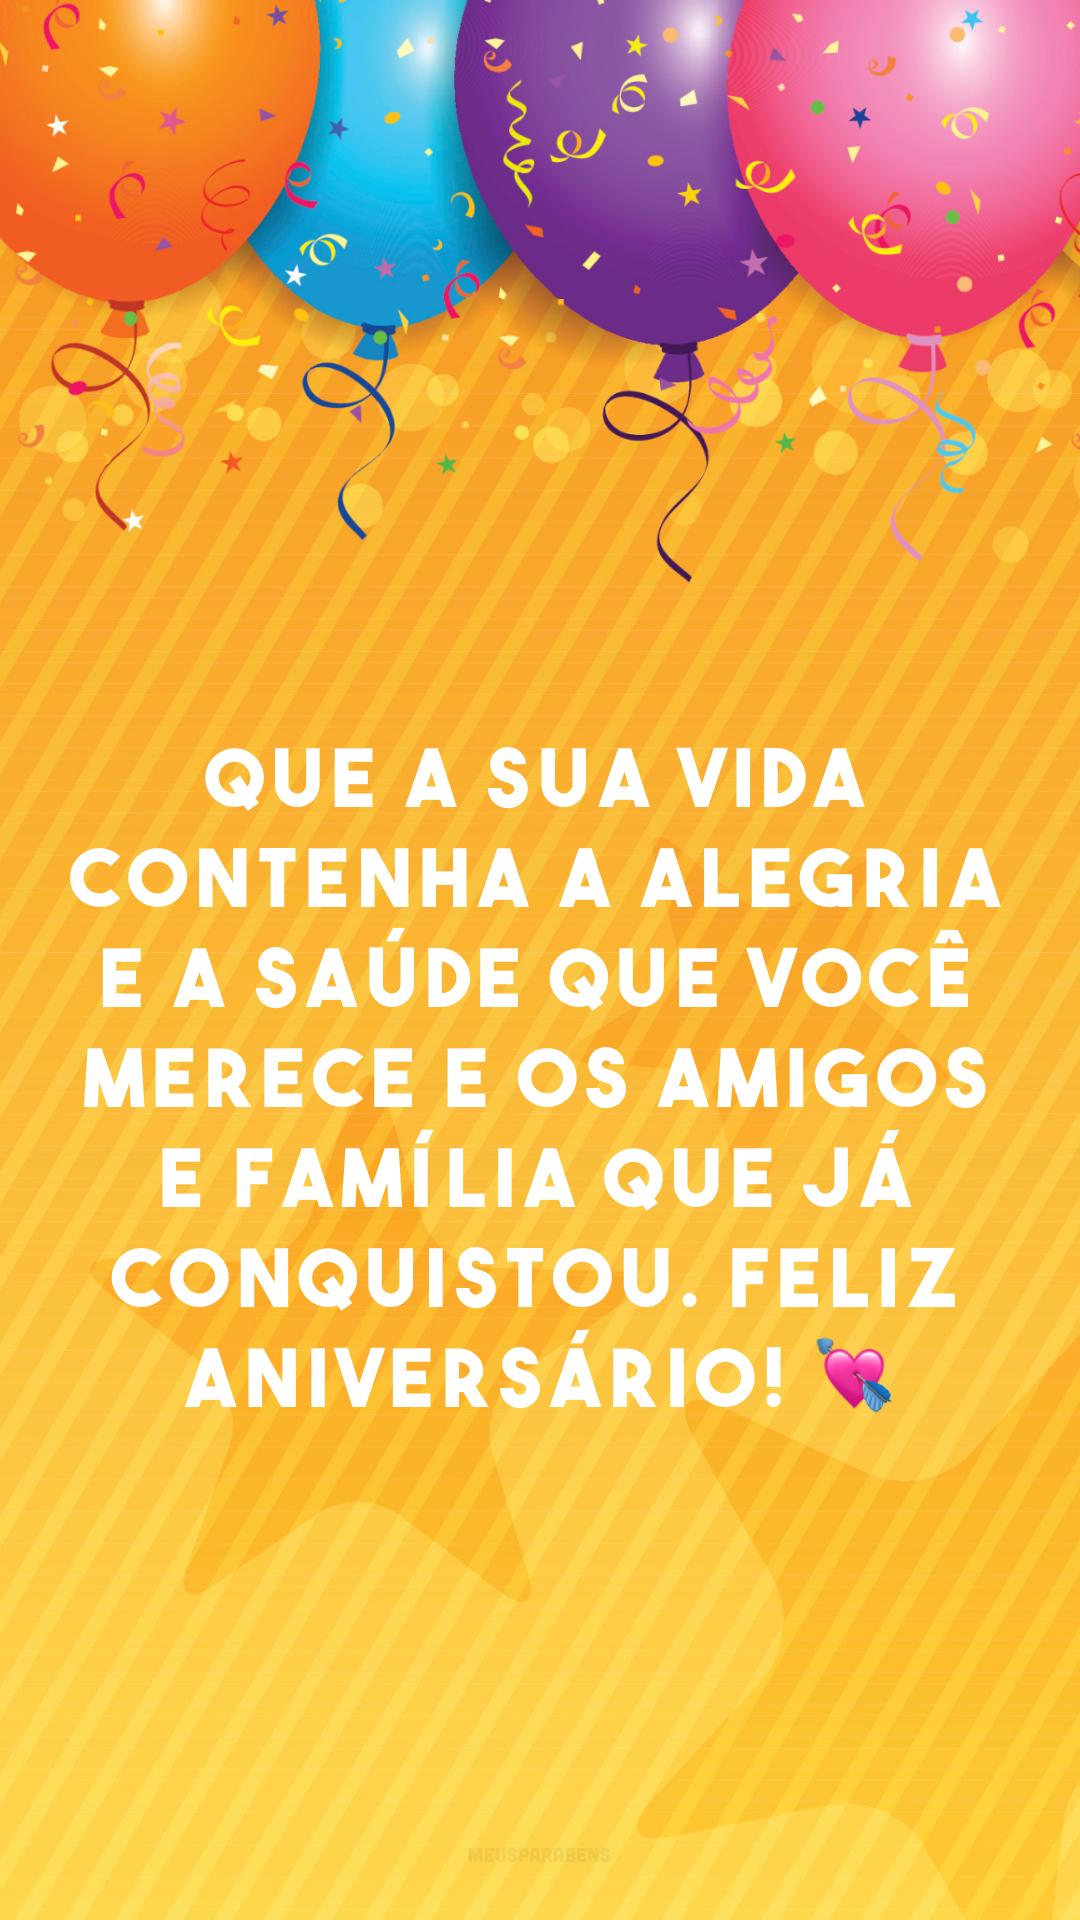 Que a sua vida contenha a alegria e a saúde que você merece e os amigos e família que já conquistou. Feliz aniversário! 💘